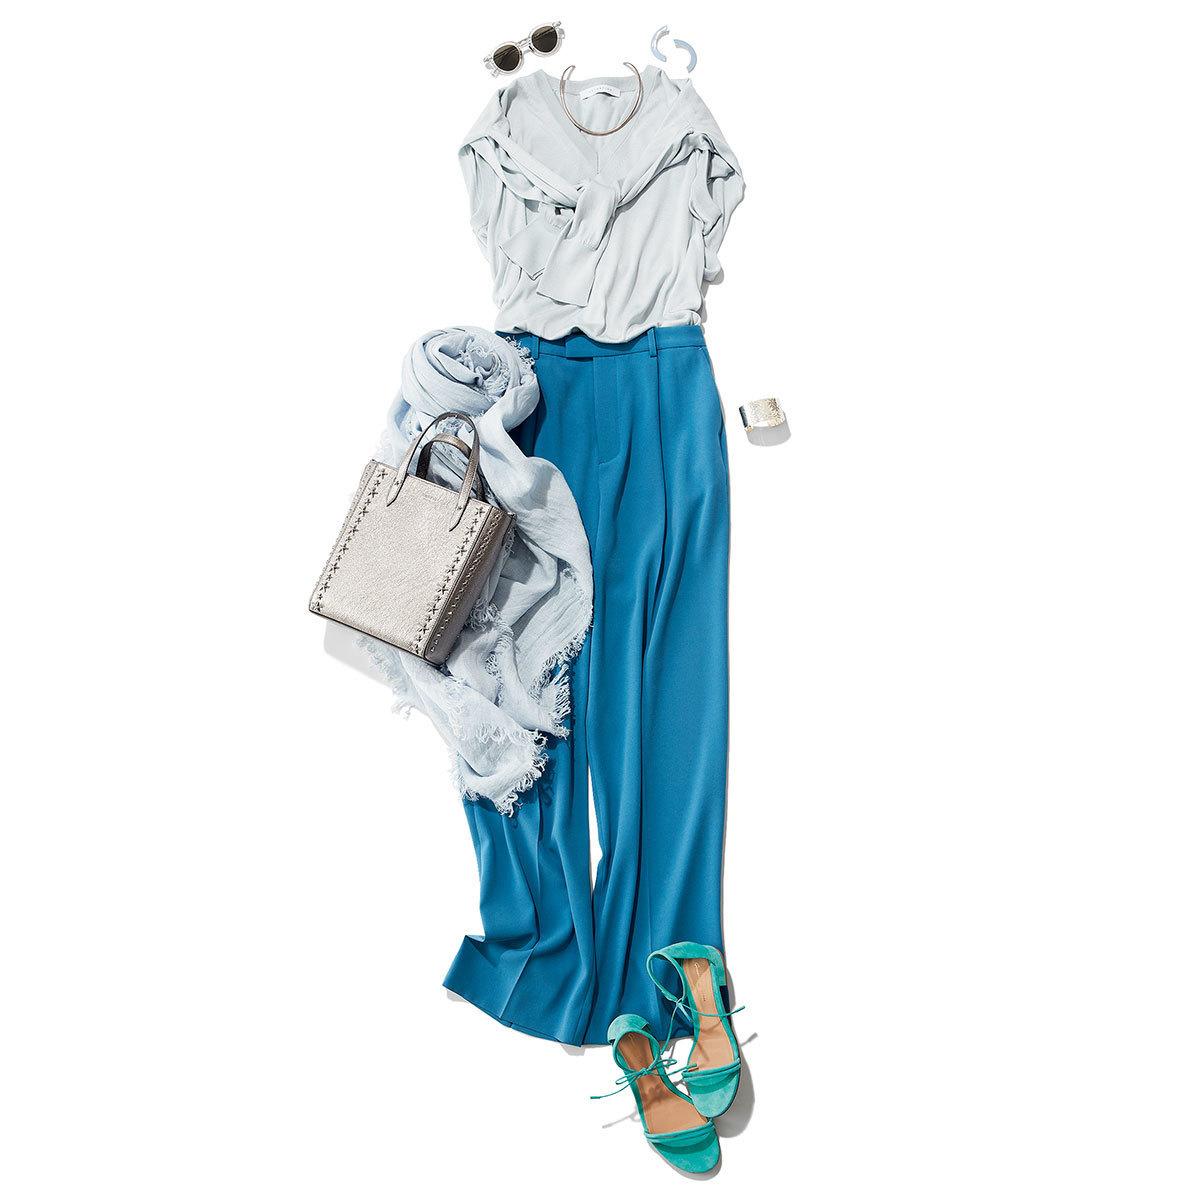 この春、きれい色を楽しむなら「カラーパンツ」がマスト! 40代に似合うカラーパンツ総まとめ|アラフォーファッション_1_5